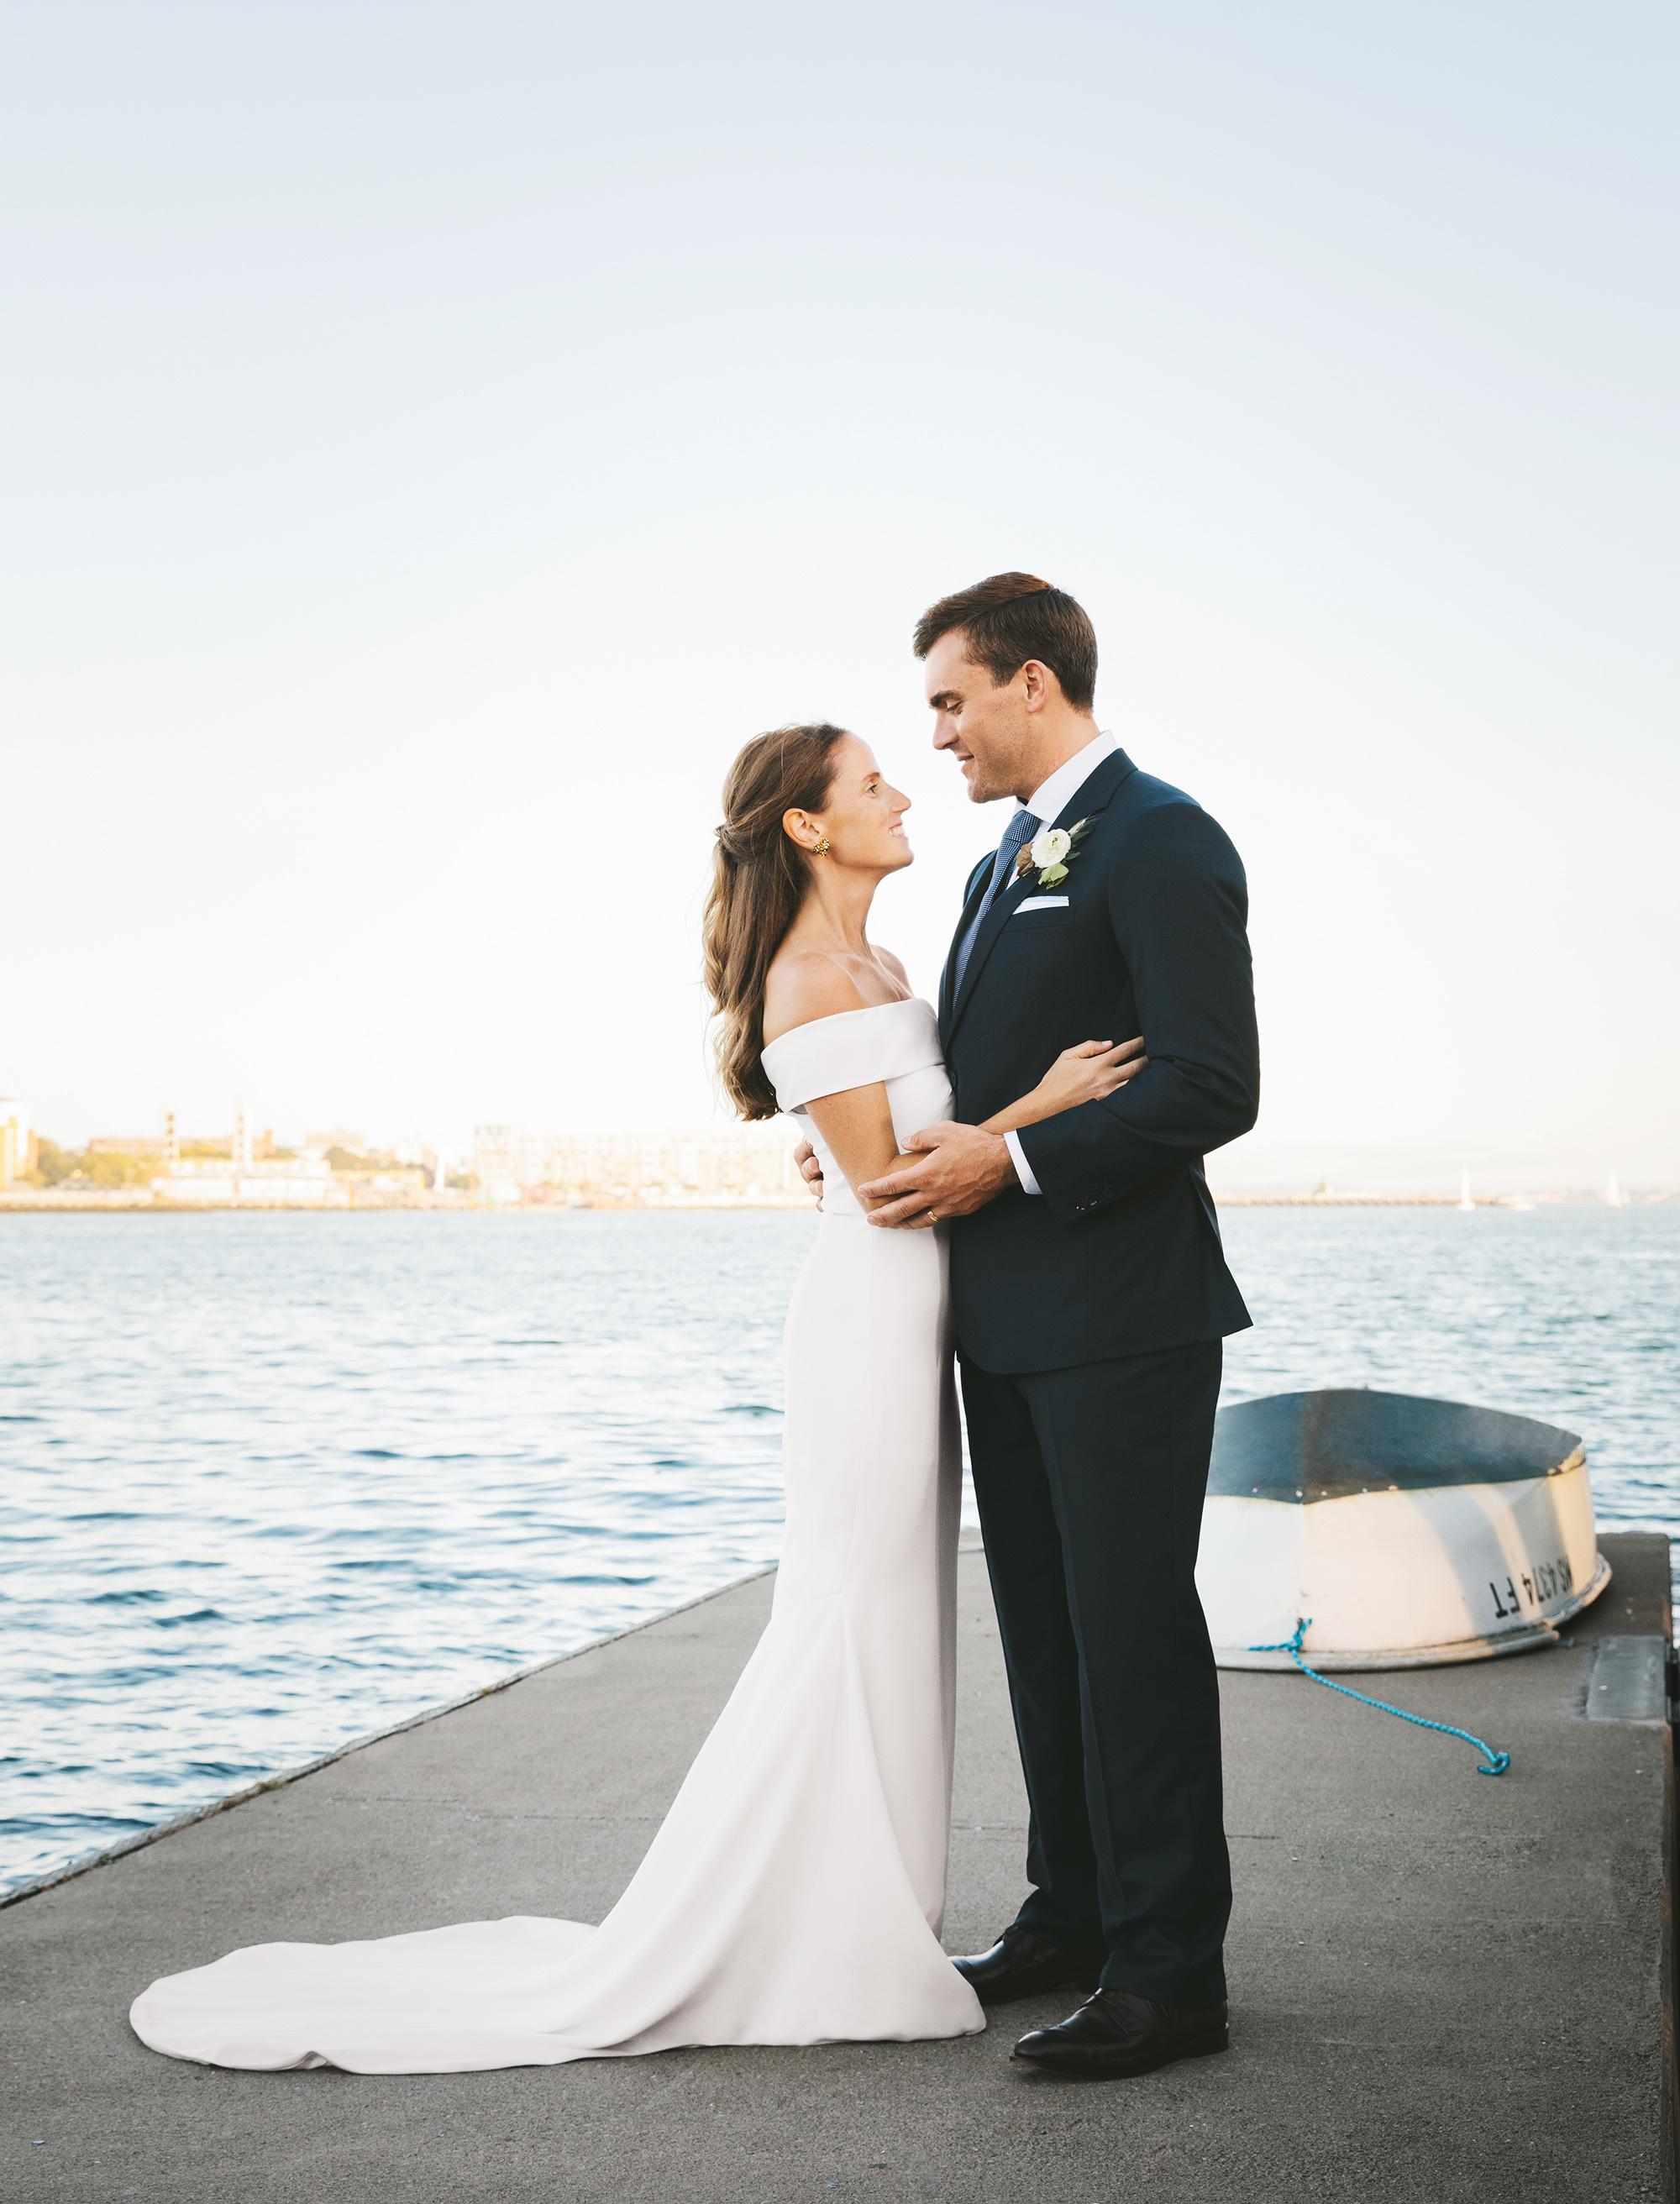 laura john wedding massachusetts couple on pier